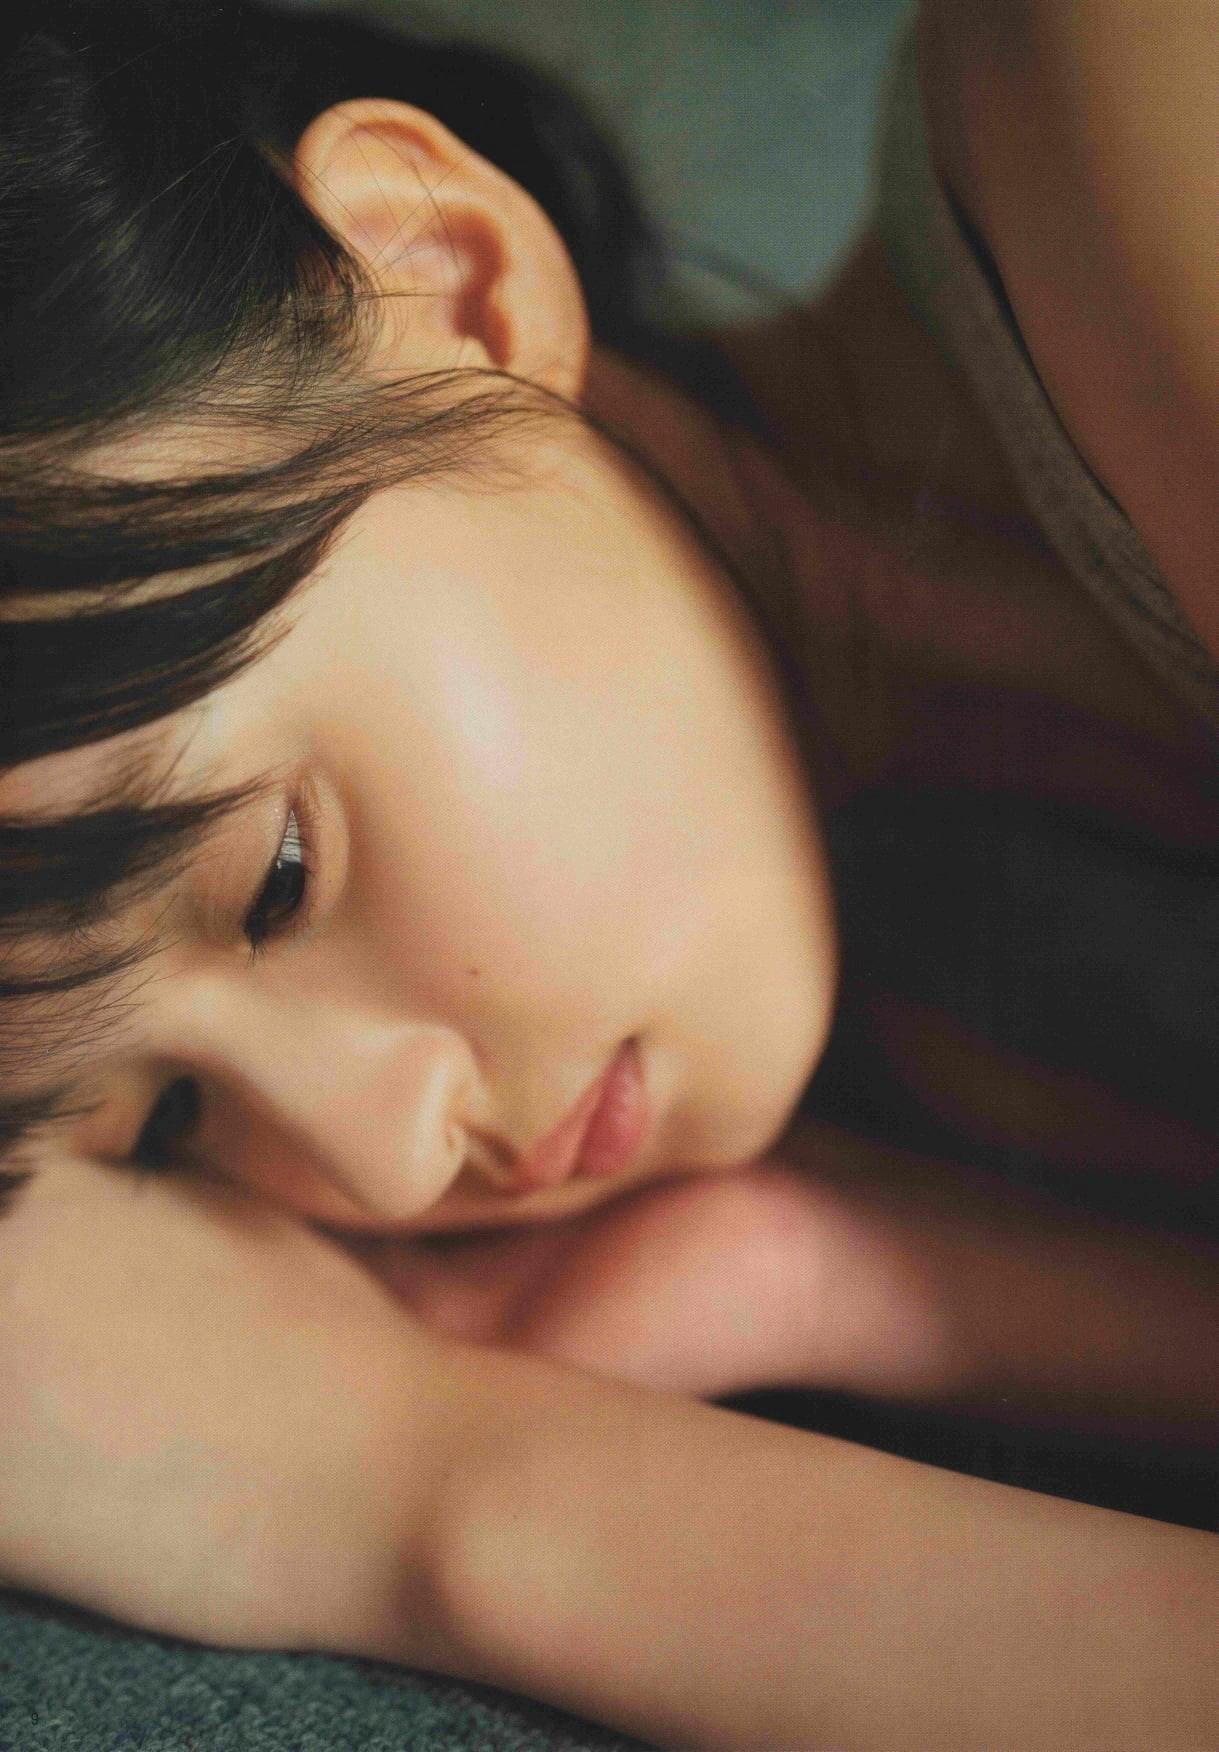 乃木坂46偶像远藤さくら开朗笑颜散发纯真气息 网络美女 第36张